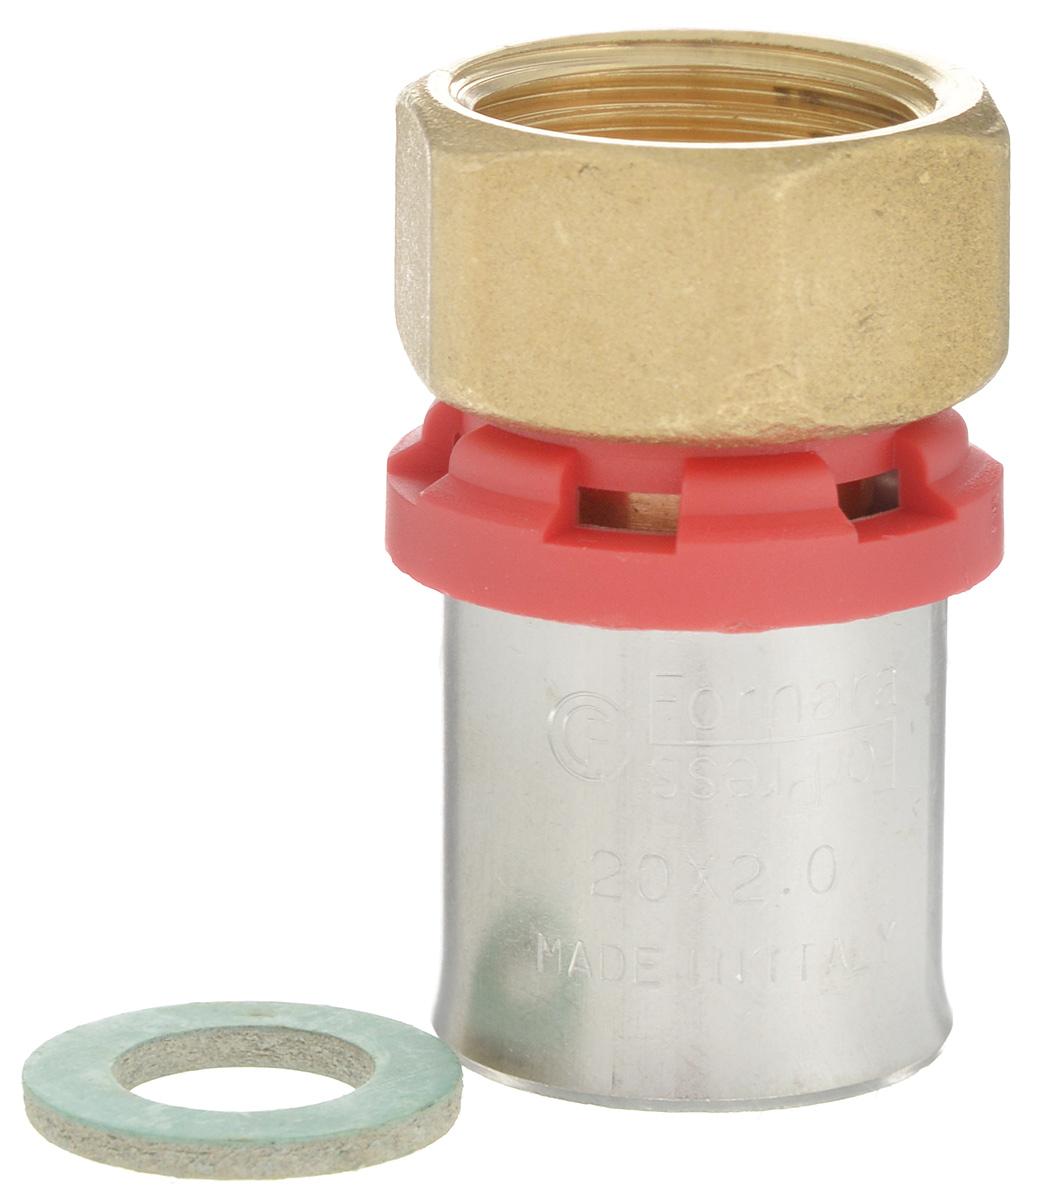 Соединитель Fornara под пресс, п - нг, 20 x 1/2BL505Соединитель под пресс Fornara представляет собой элемент трубопровода, обеспечивающий соединение труб из разных материалов с компонентами системы. Изделие имеет переход на наружную резьбу, прочный, долговечный корпус из никелированной горячепрессованной латуни. Благодаря специальным насечкам уплотнительный материал соединителя хорошо удерживается при монтаже трубопроводной системы.